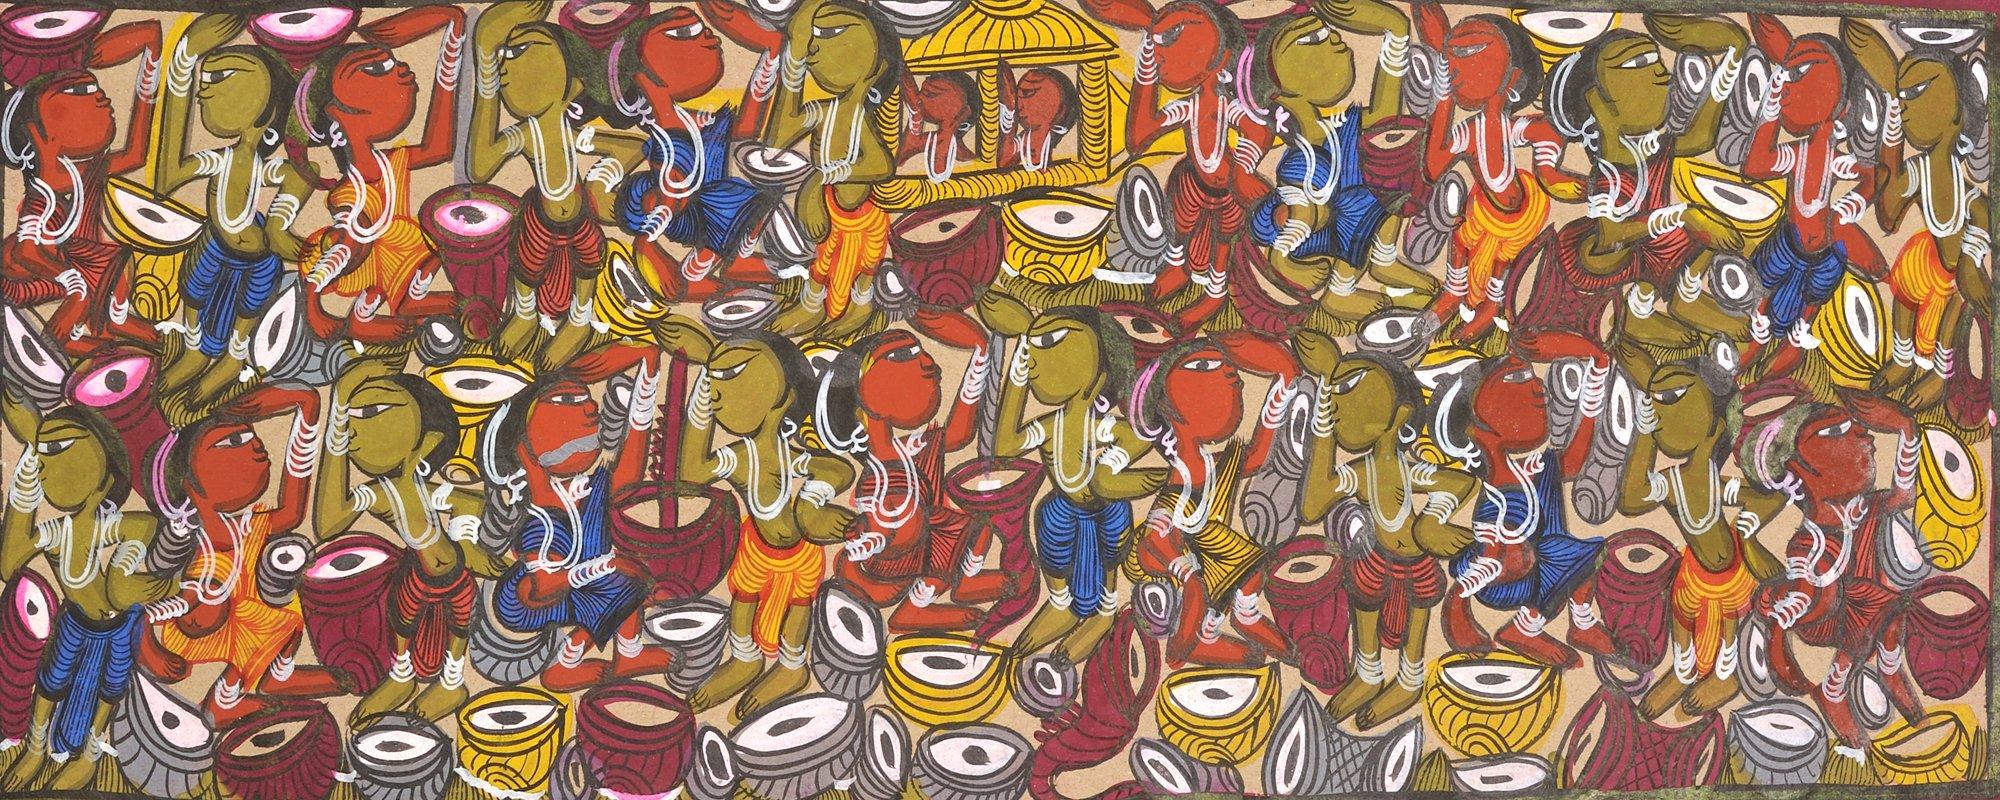 Tushu Utsav - Bengali Folk Painting on Paper - Artist: Sahajan Chitrakar